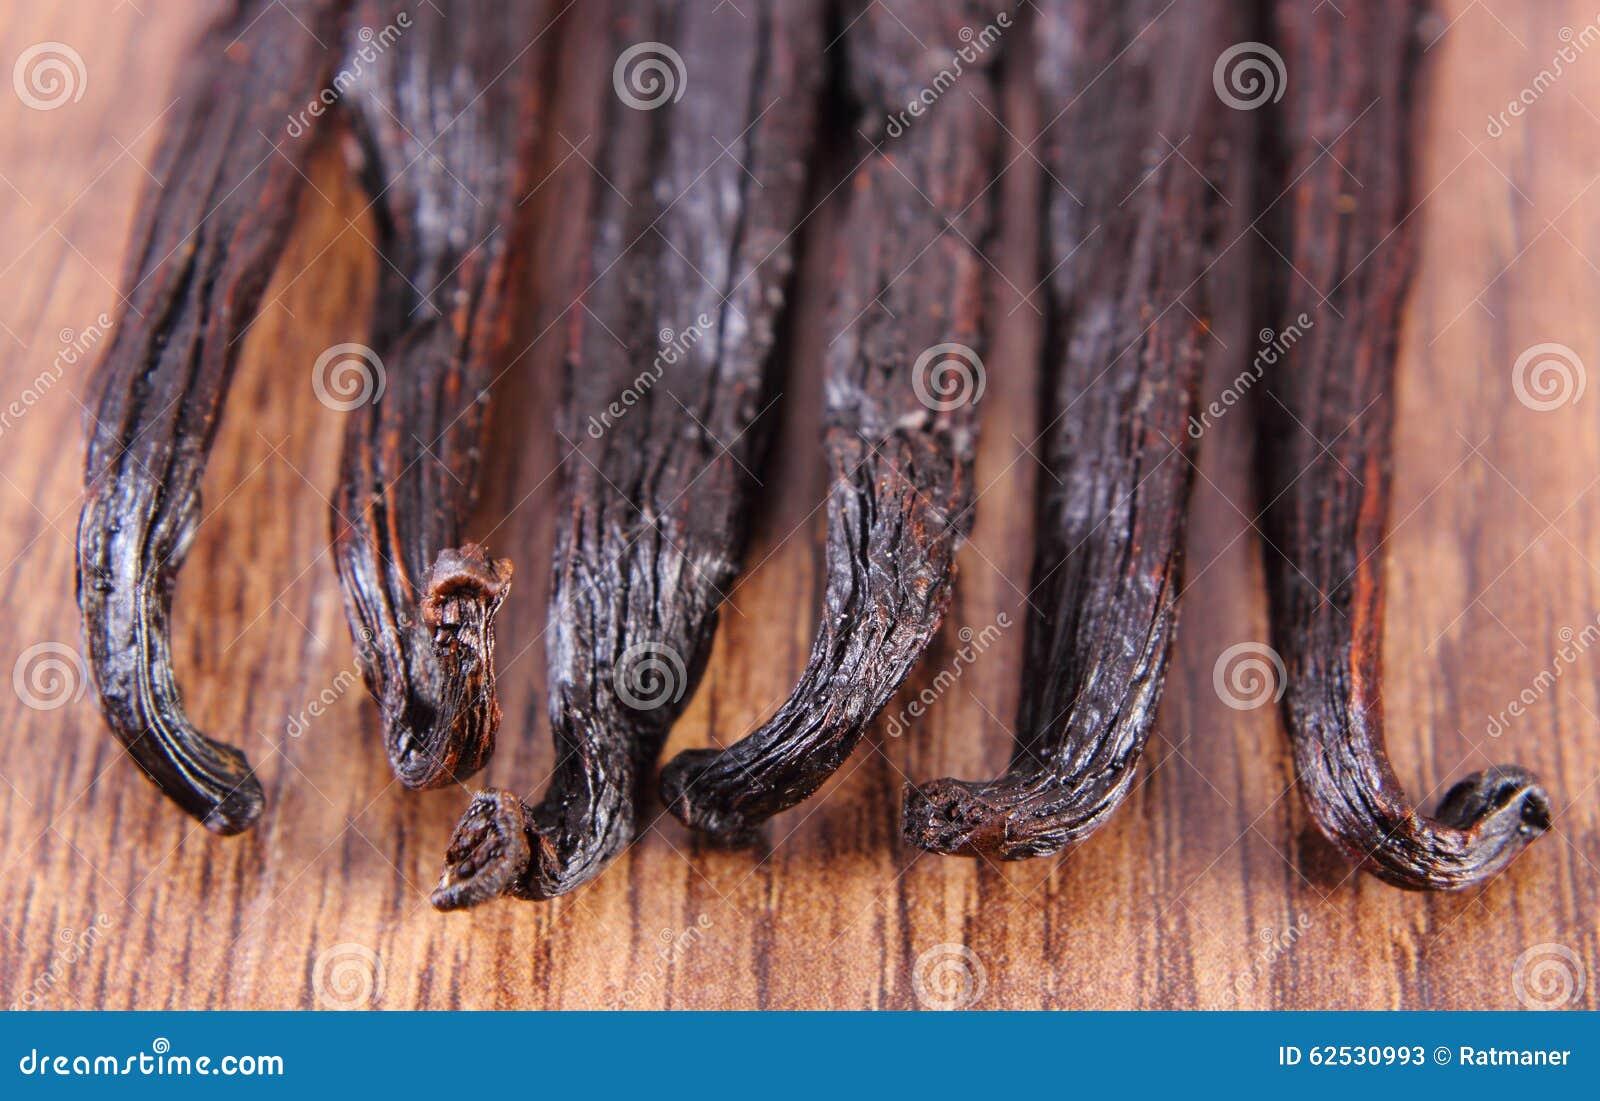 在木表面板条的芬芳香草棍子